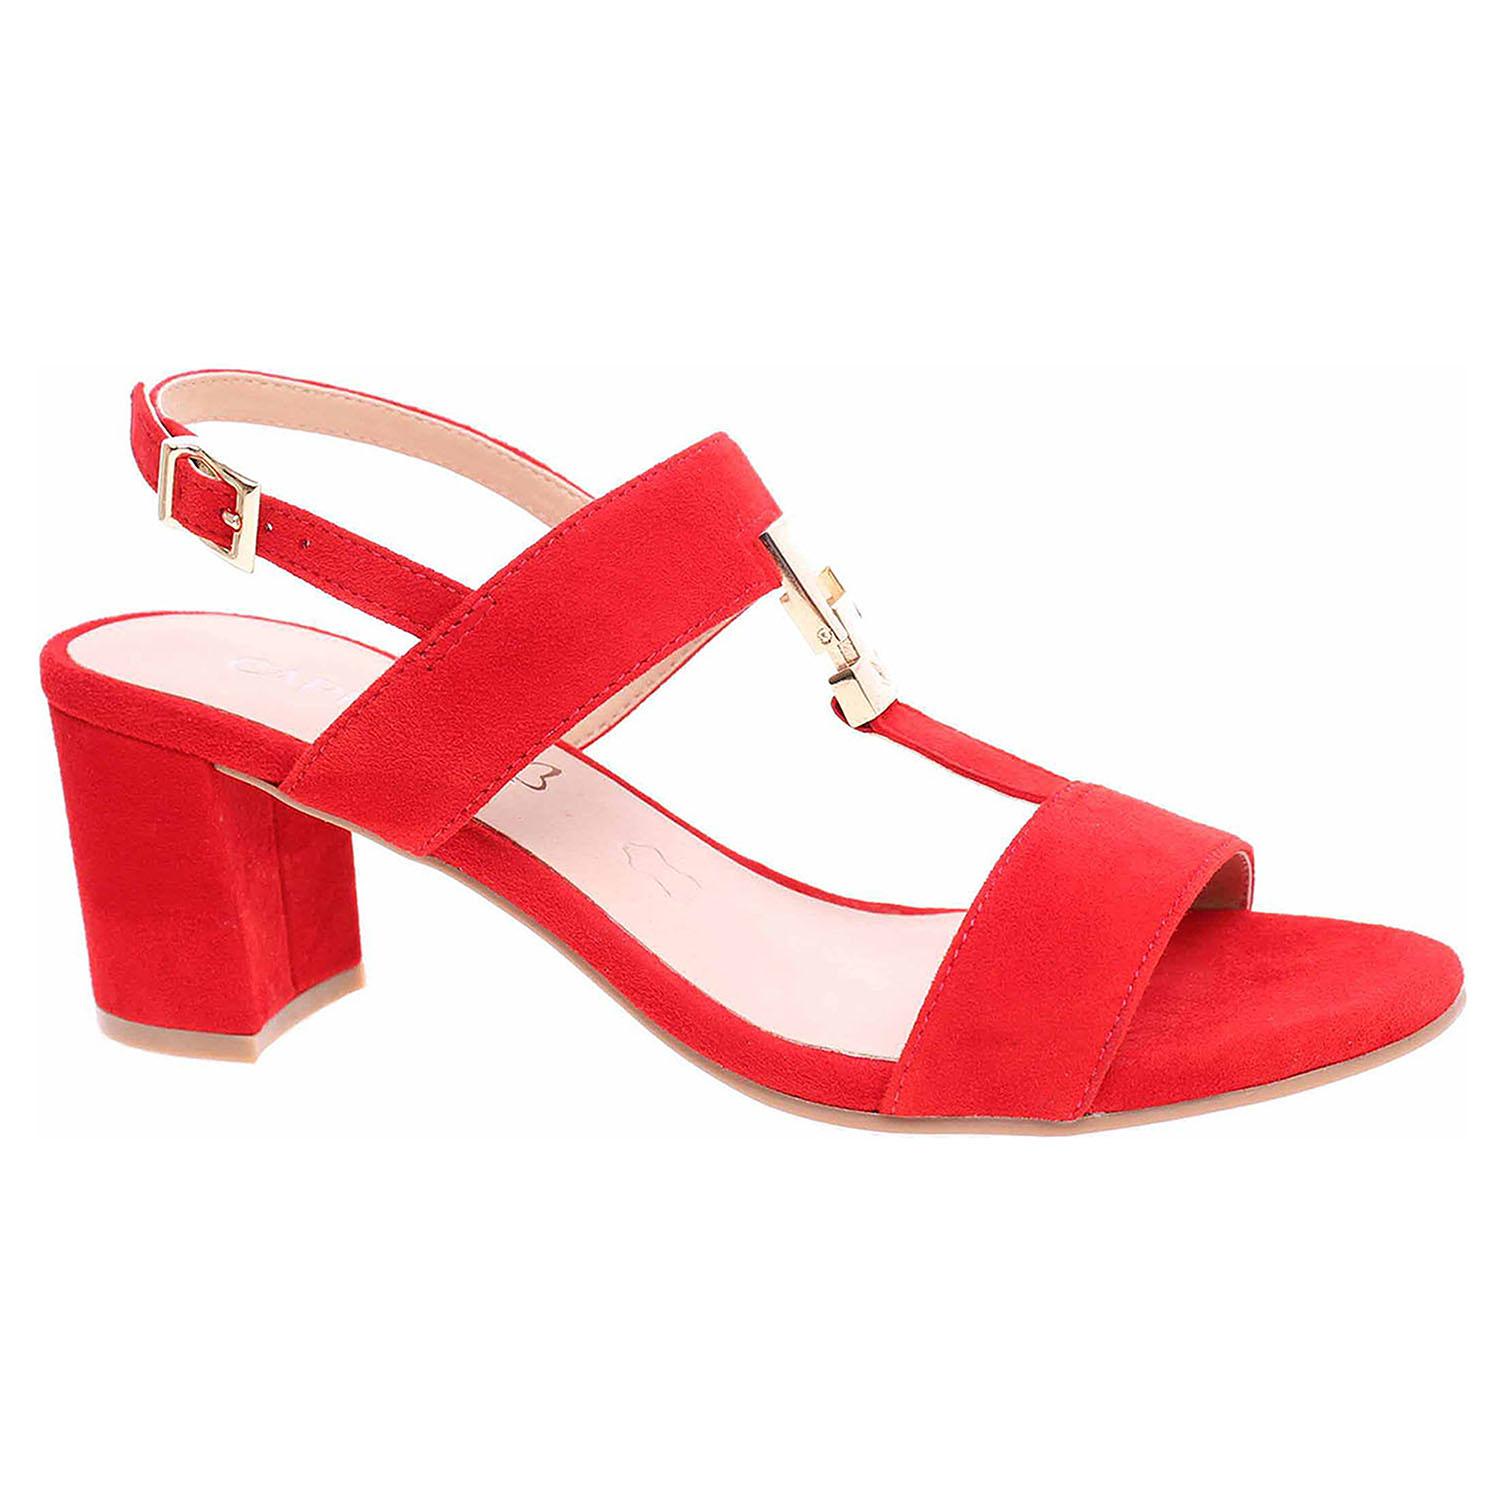 9/9-28303/22 524 red suede módní dámské sandály, podpatek CAPRICE